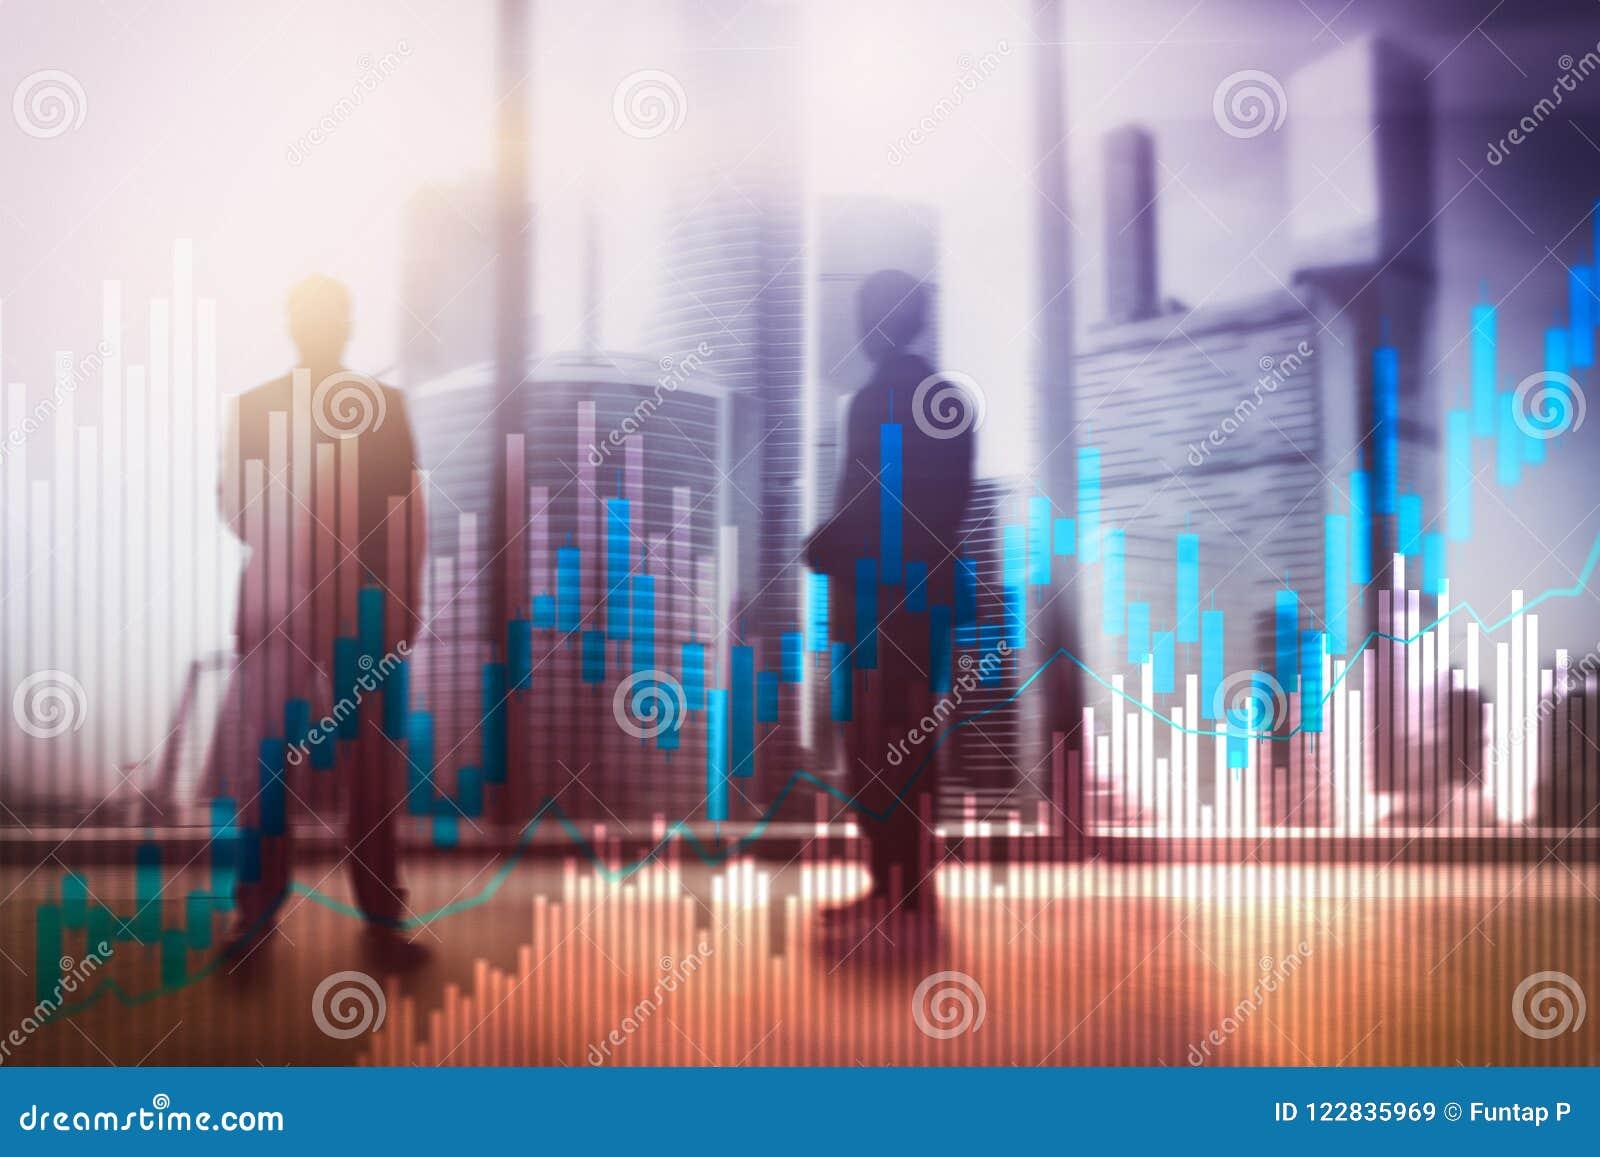 Voorraad de grafiek en de diagrammen van de handelkandelaar op de vage achtergrond van het bureaucentrum